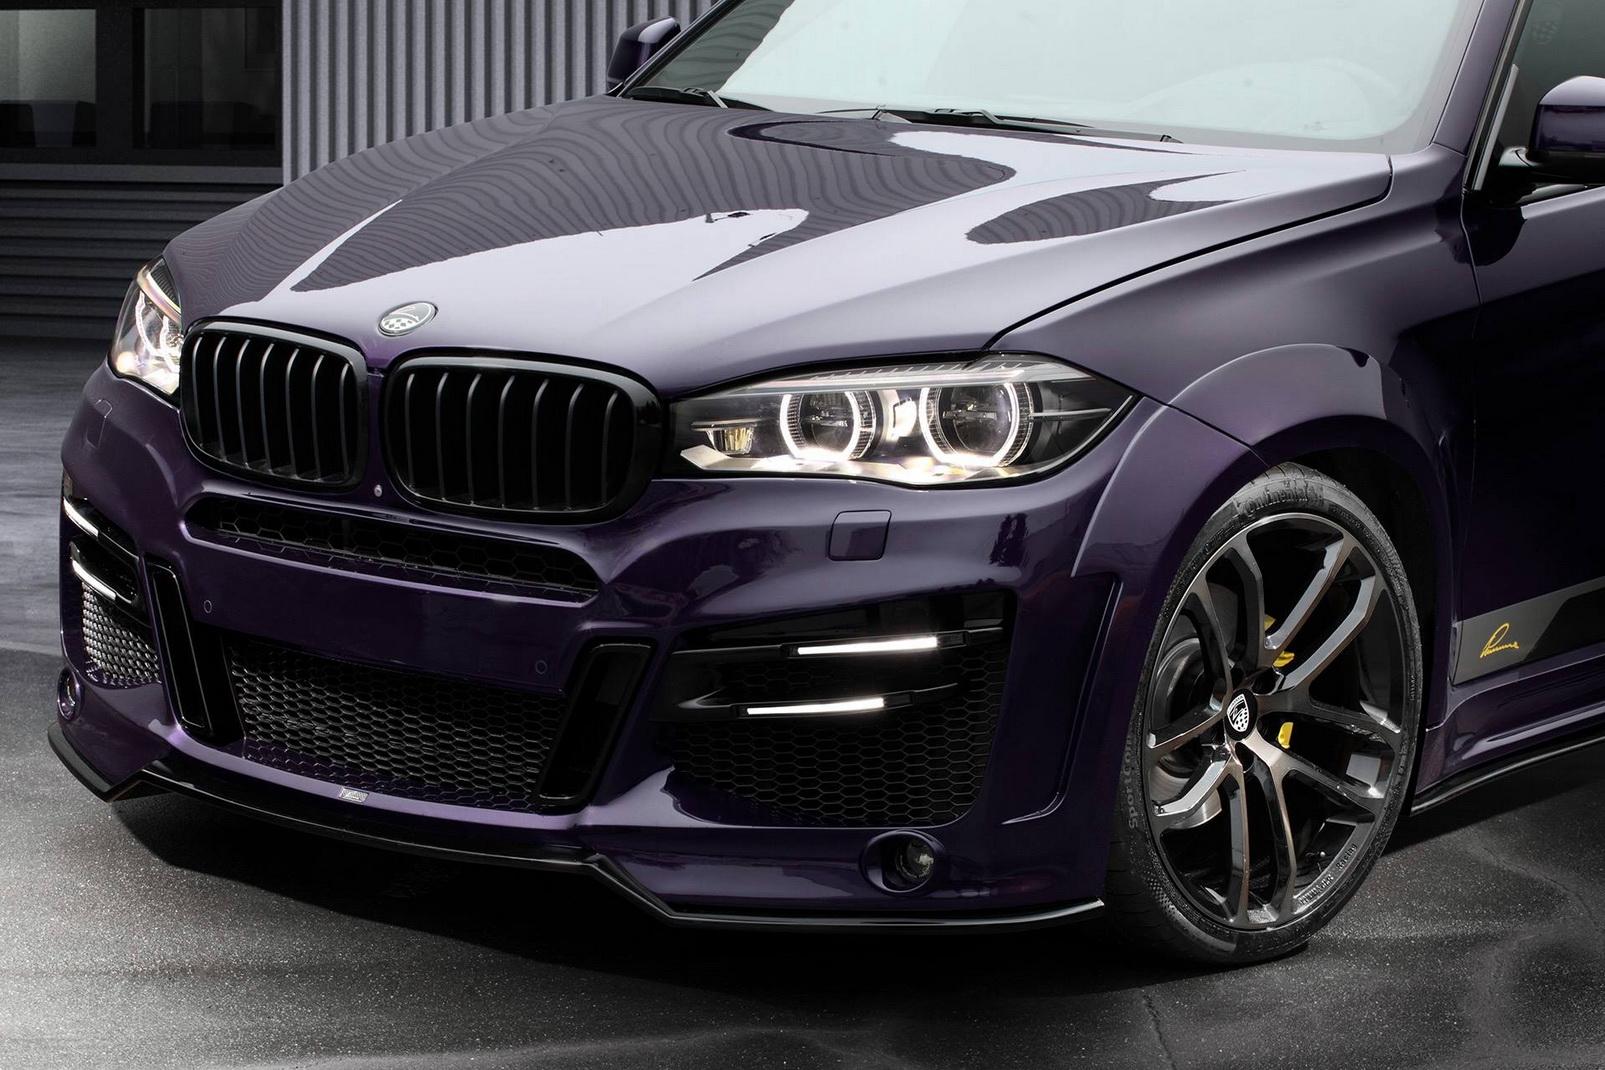 Lumma CLR BMW X6 R (9)